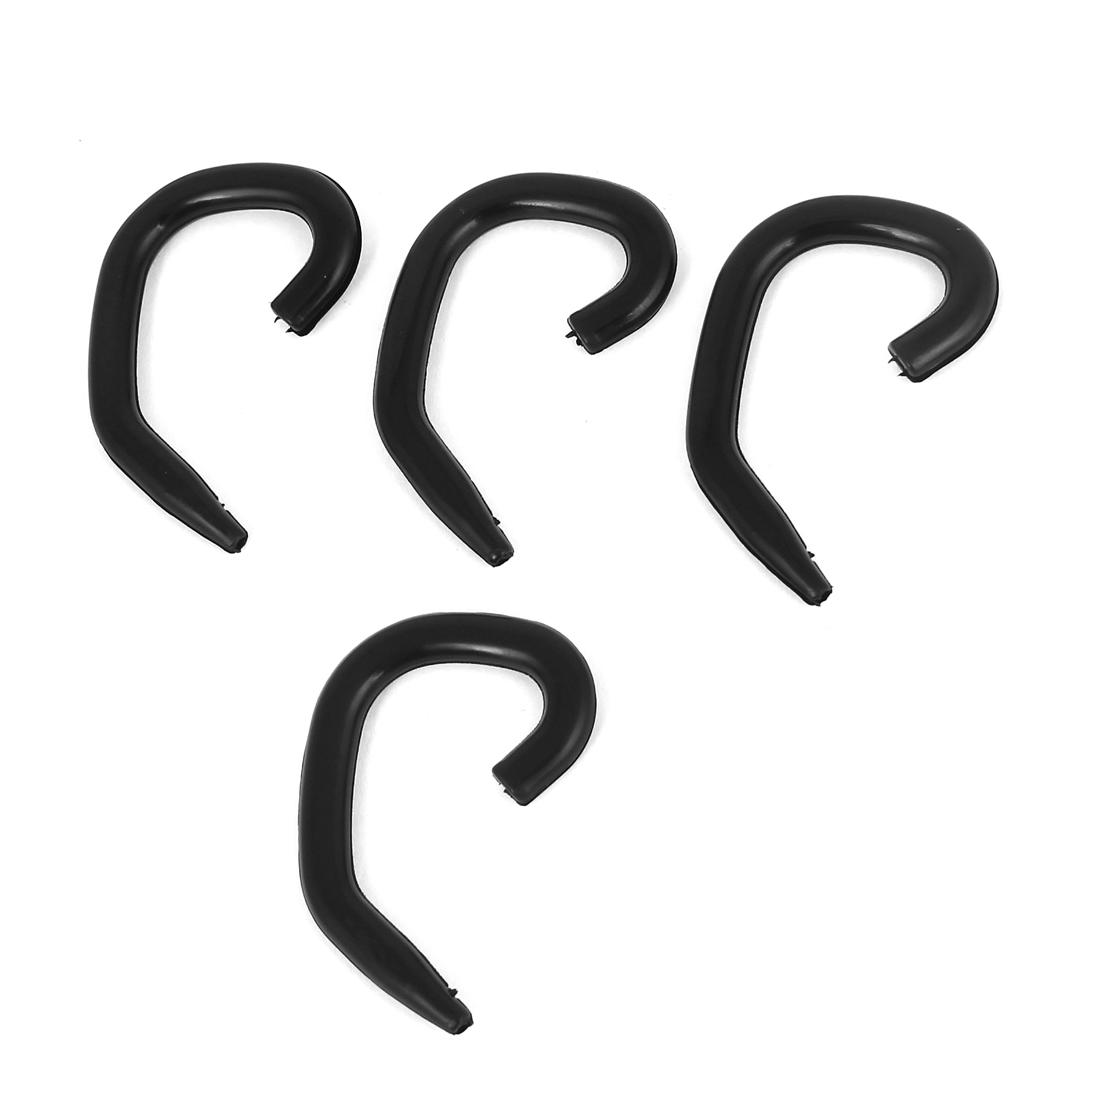 2 Pairs Black Earhook Ear Hook Loop Earloop Clip For bluetooth Headset